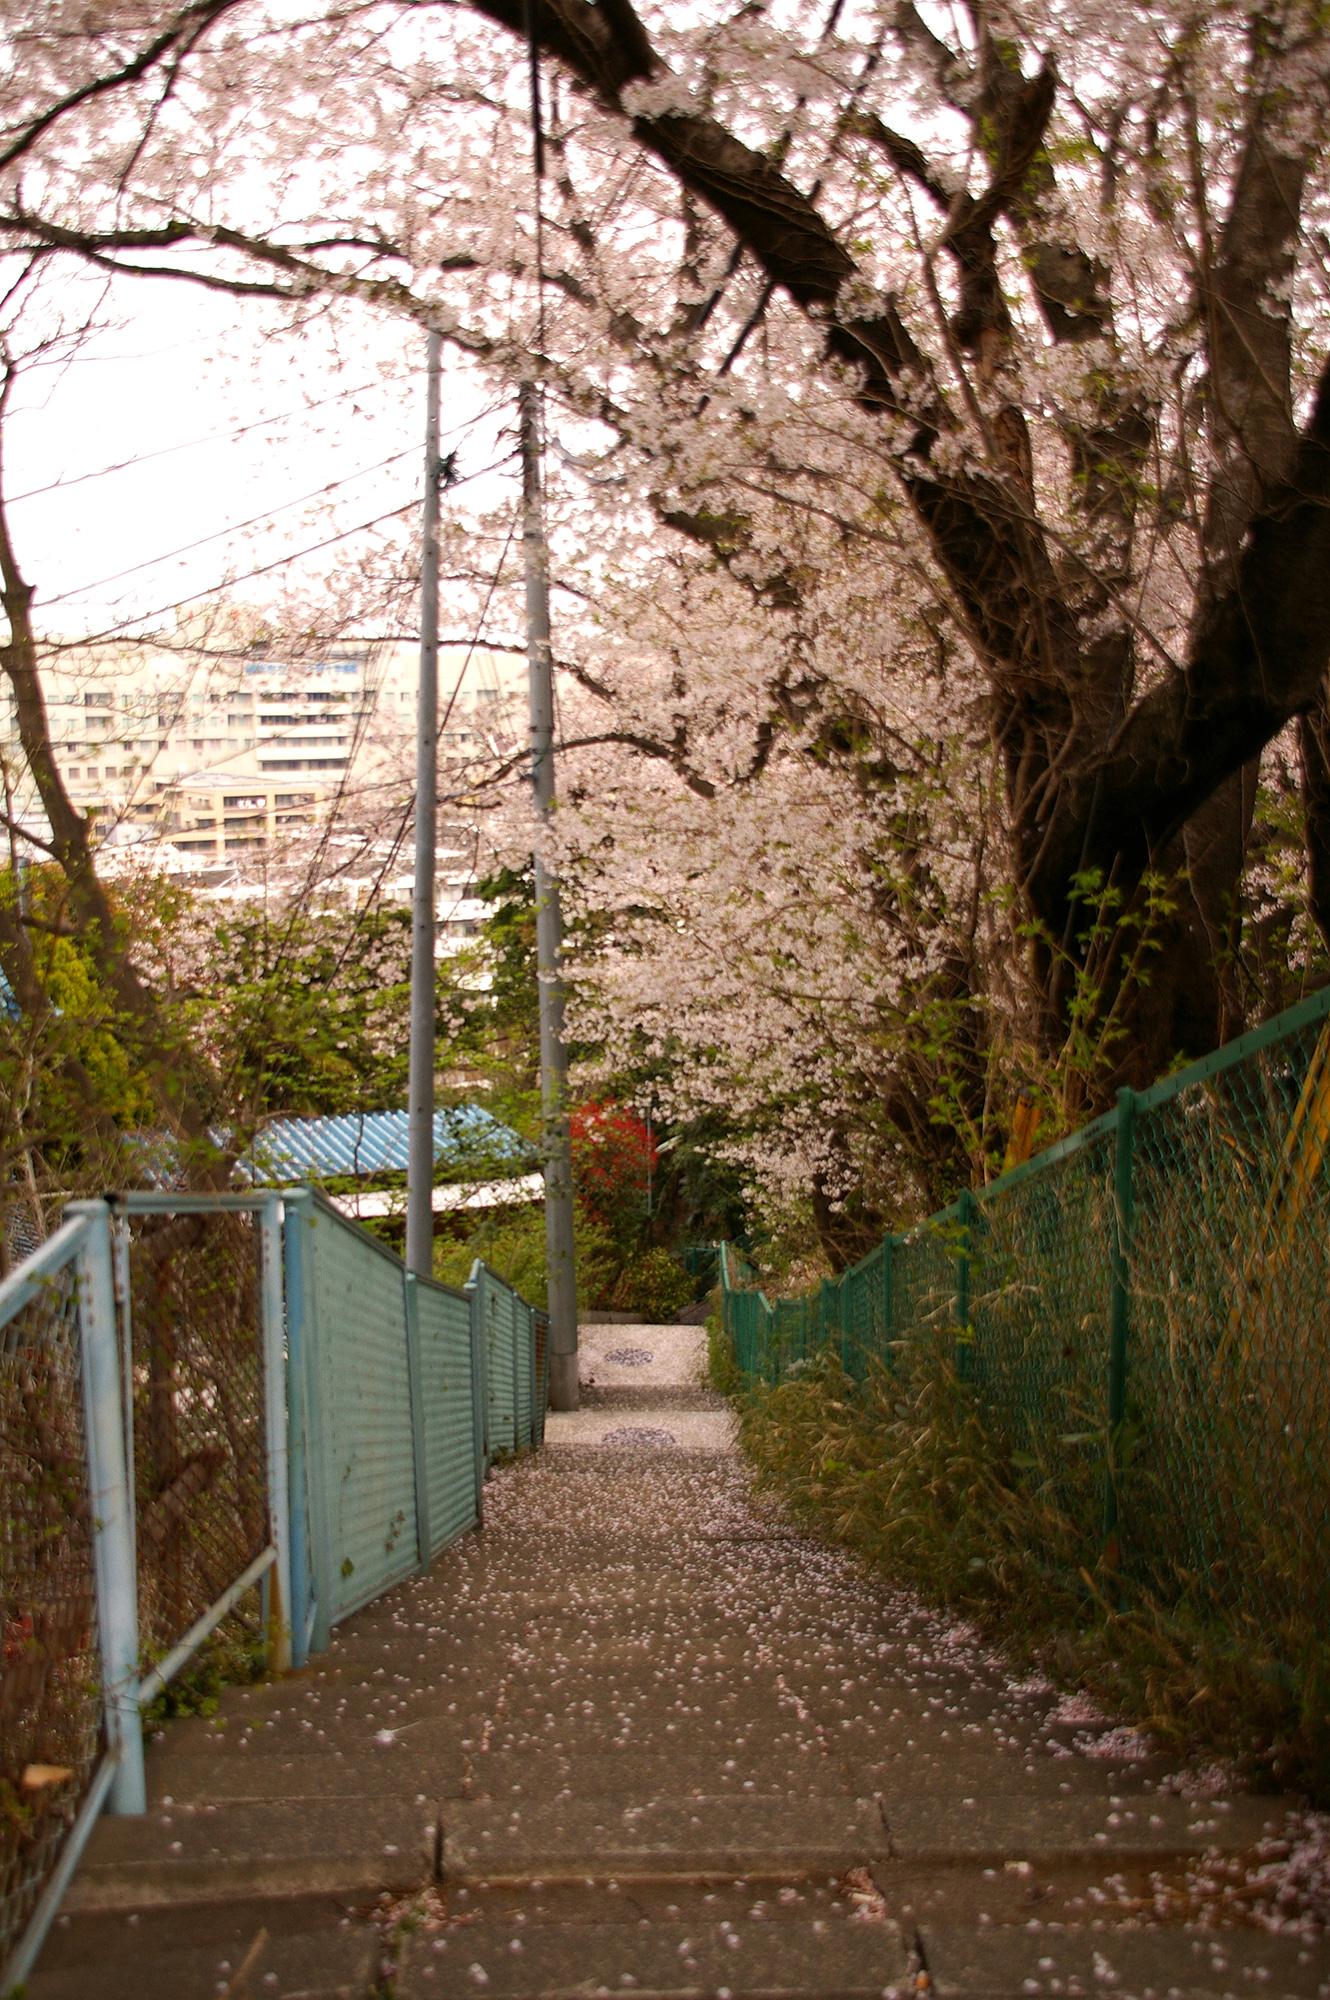 桜の下の道の写真のフリー素材